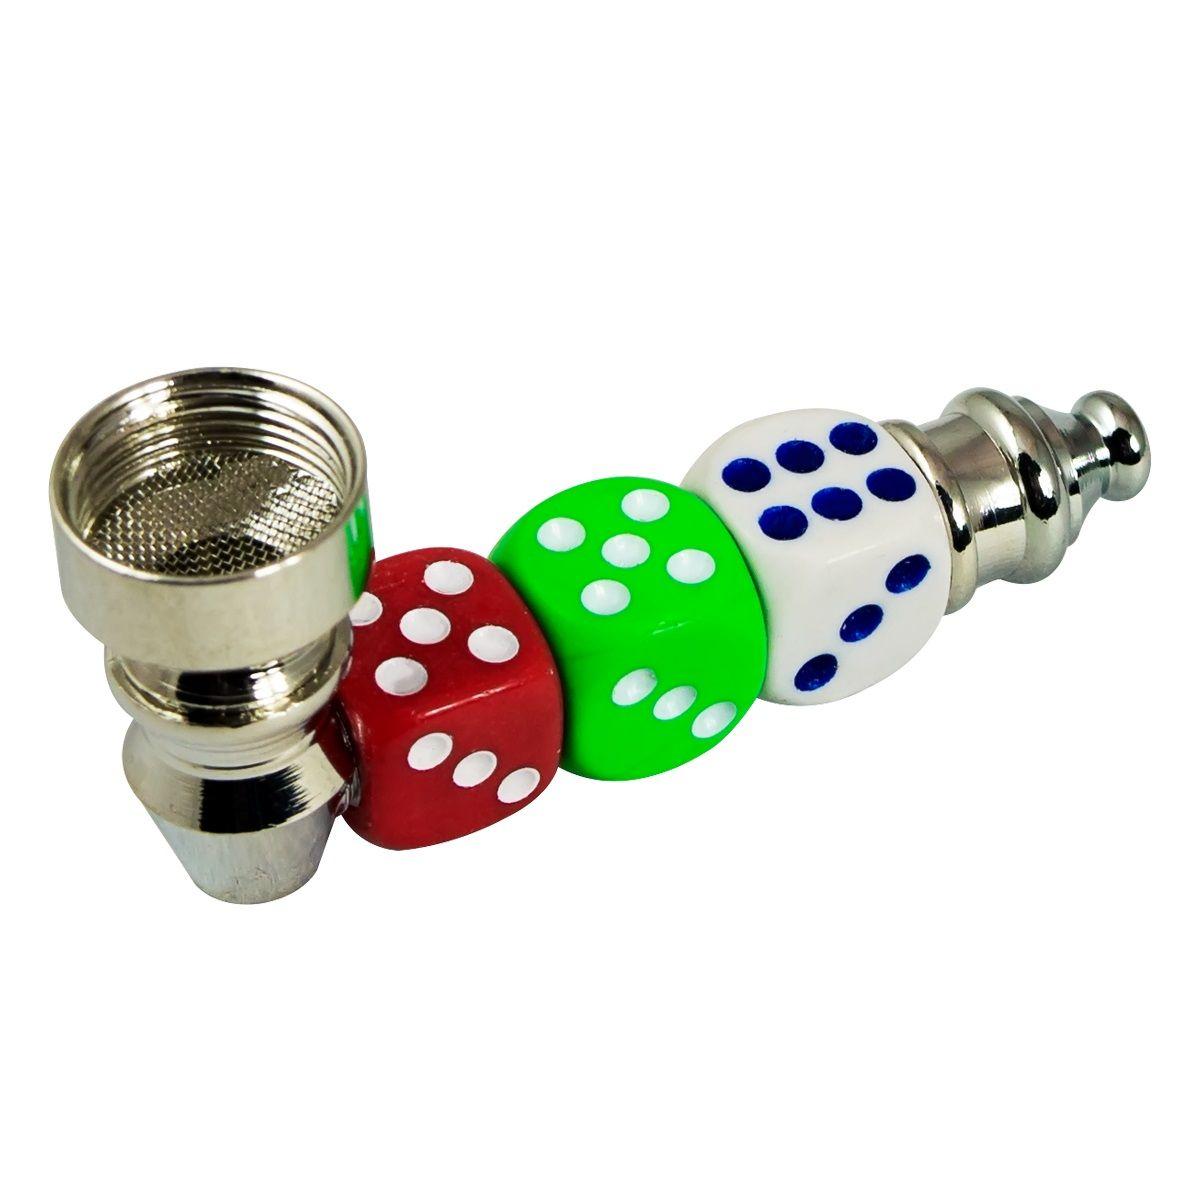 Dice прямой дизайн курительные трубы ручной труб бесплатная доставка